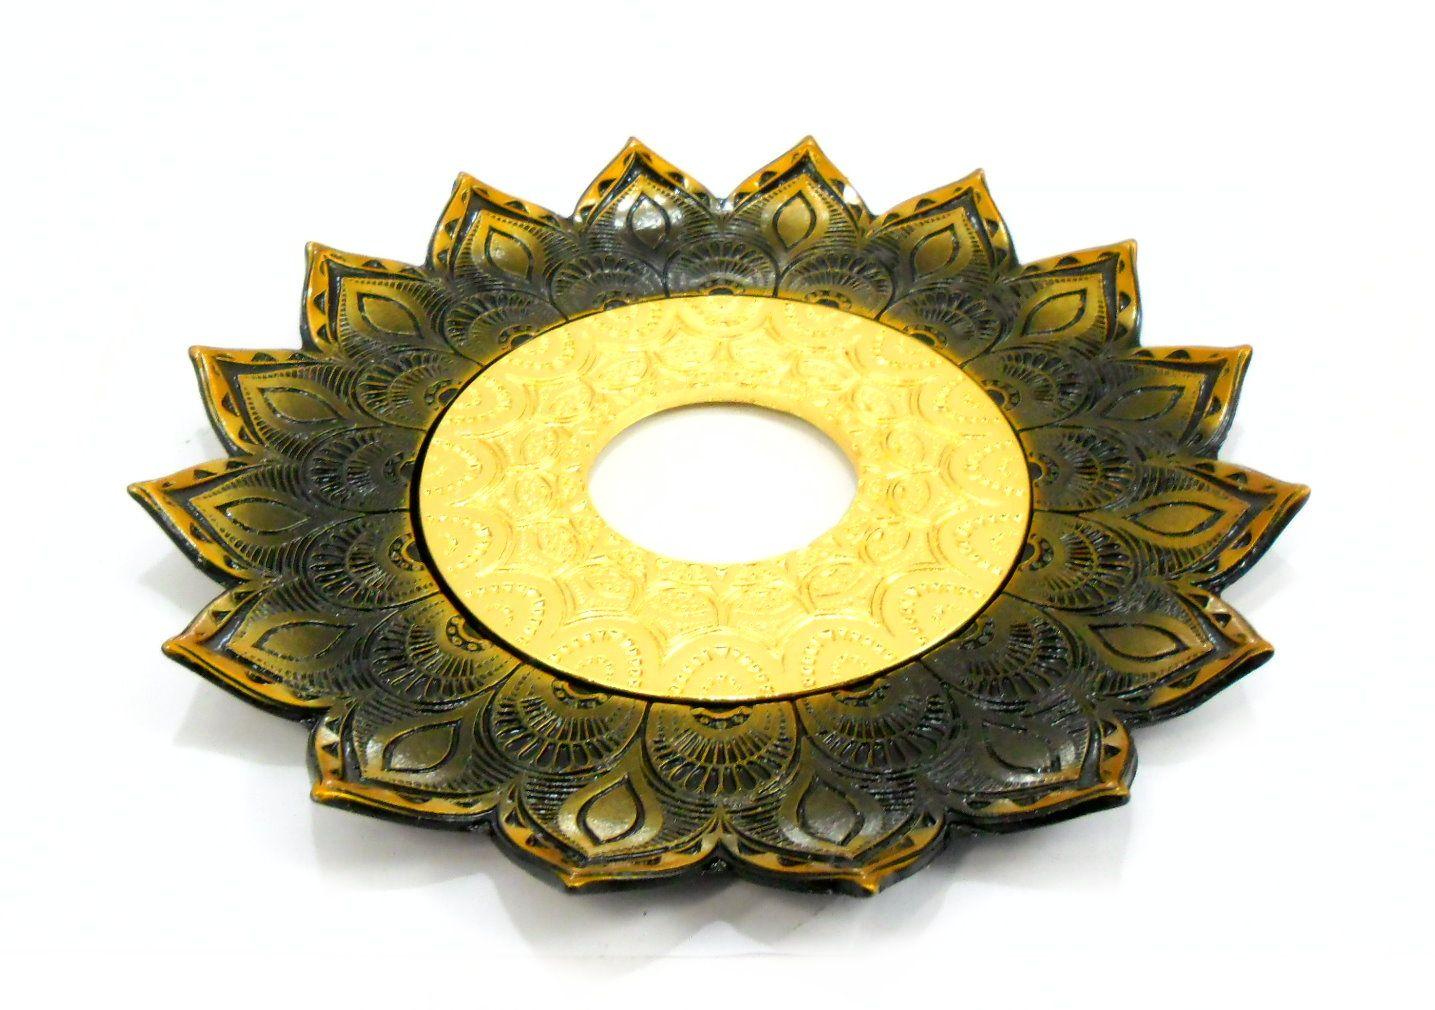 Prato para narguile mod. Artemis 17cm diâm. Em liga metálica inox e decorado. OURO VELHO centro Dourado